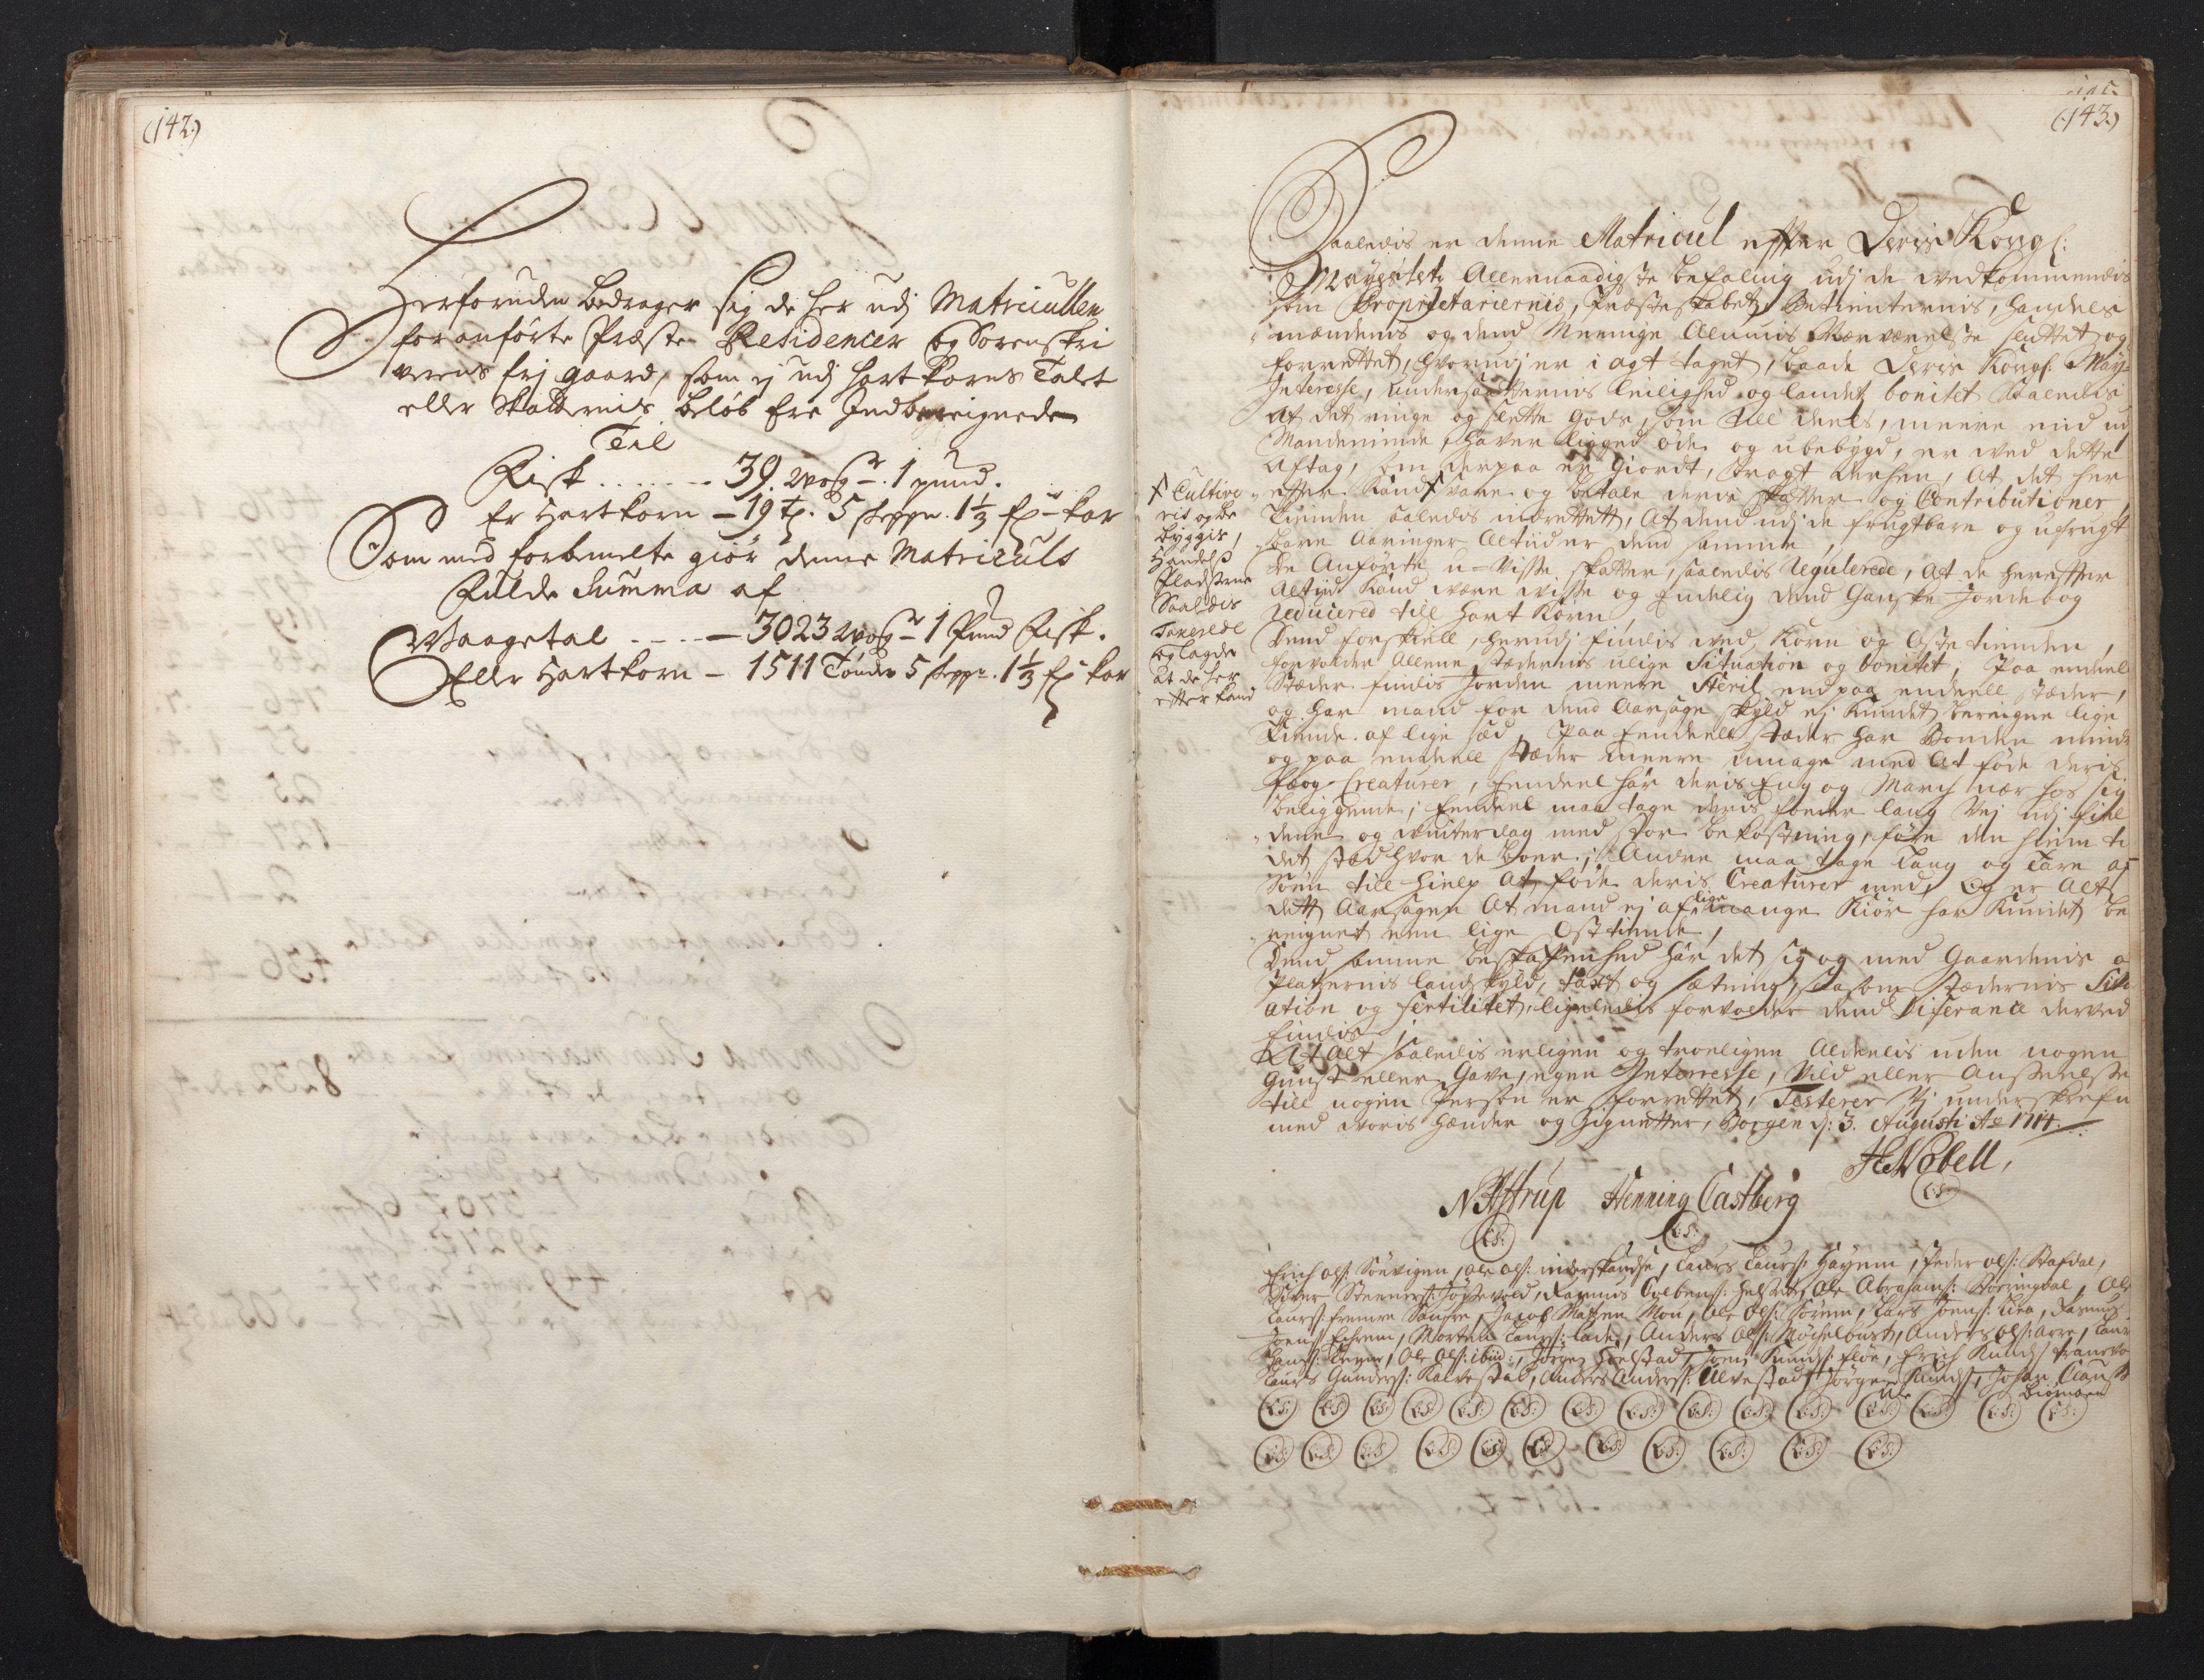 RA, Rentekammeret inntil 1814, Realistisk ordnet avdeling, N/Nb/Nbf/L0149: Sunnmøre, prøvematrikkel, 1714, s. 142-143